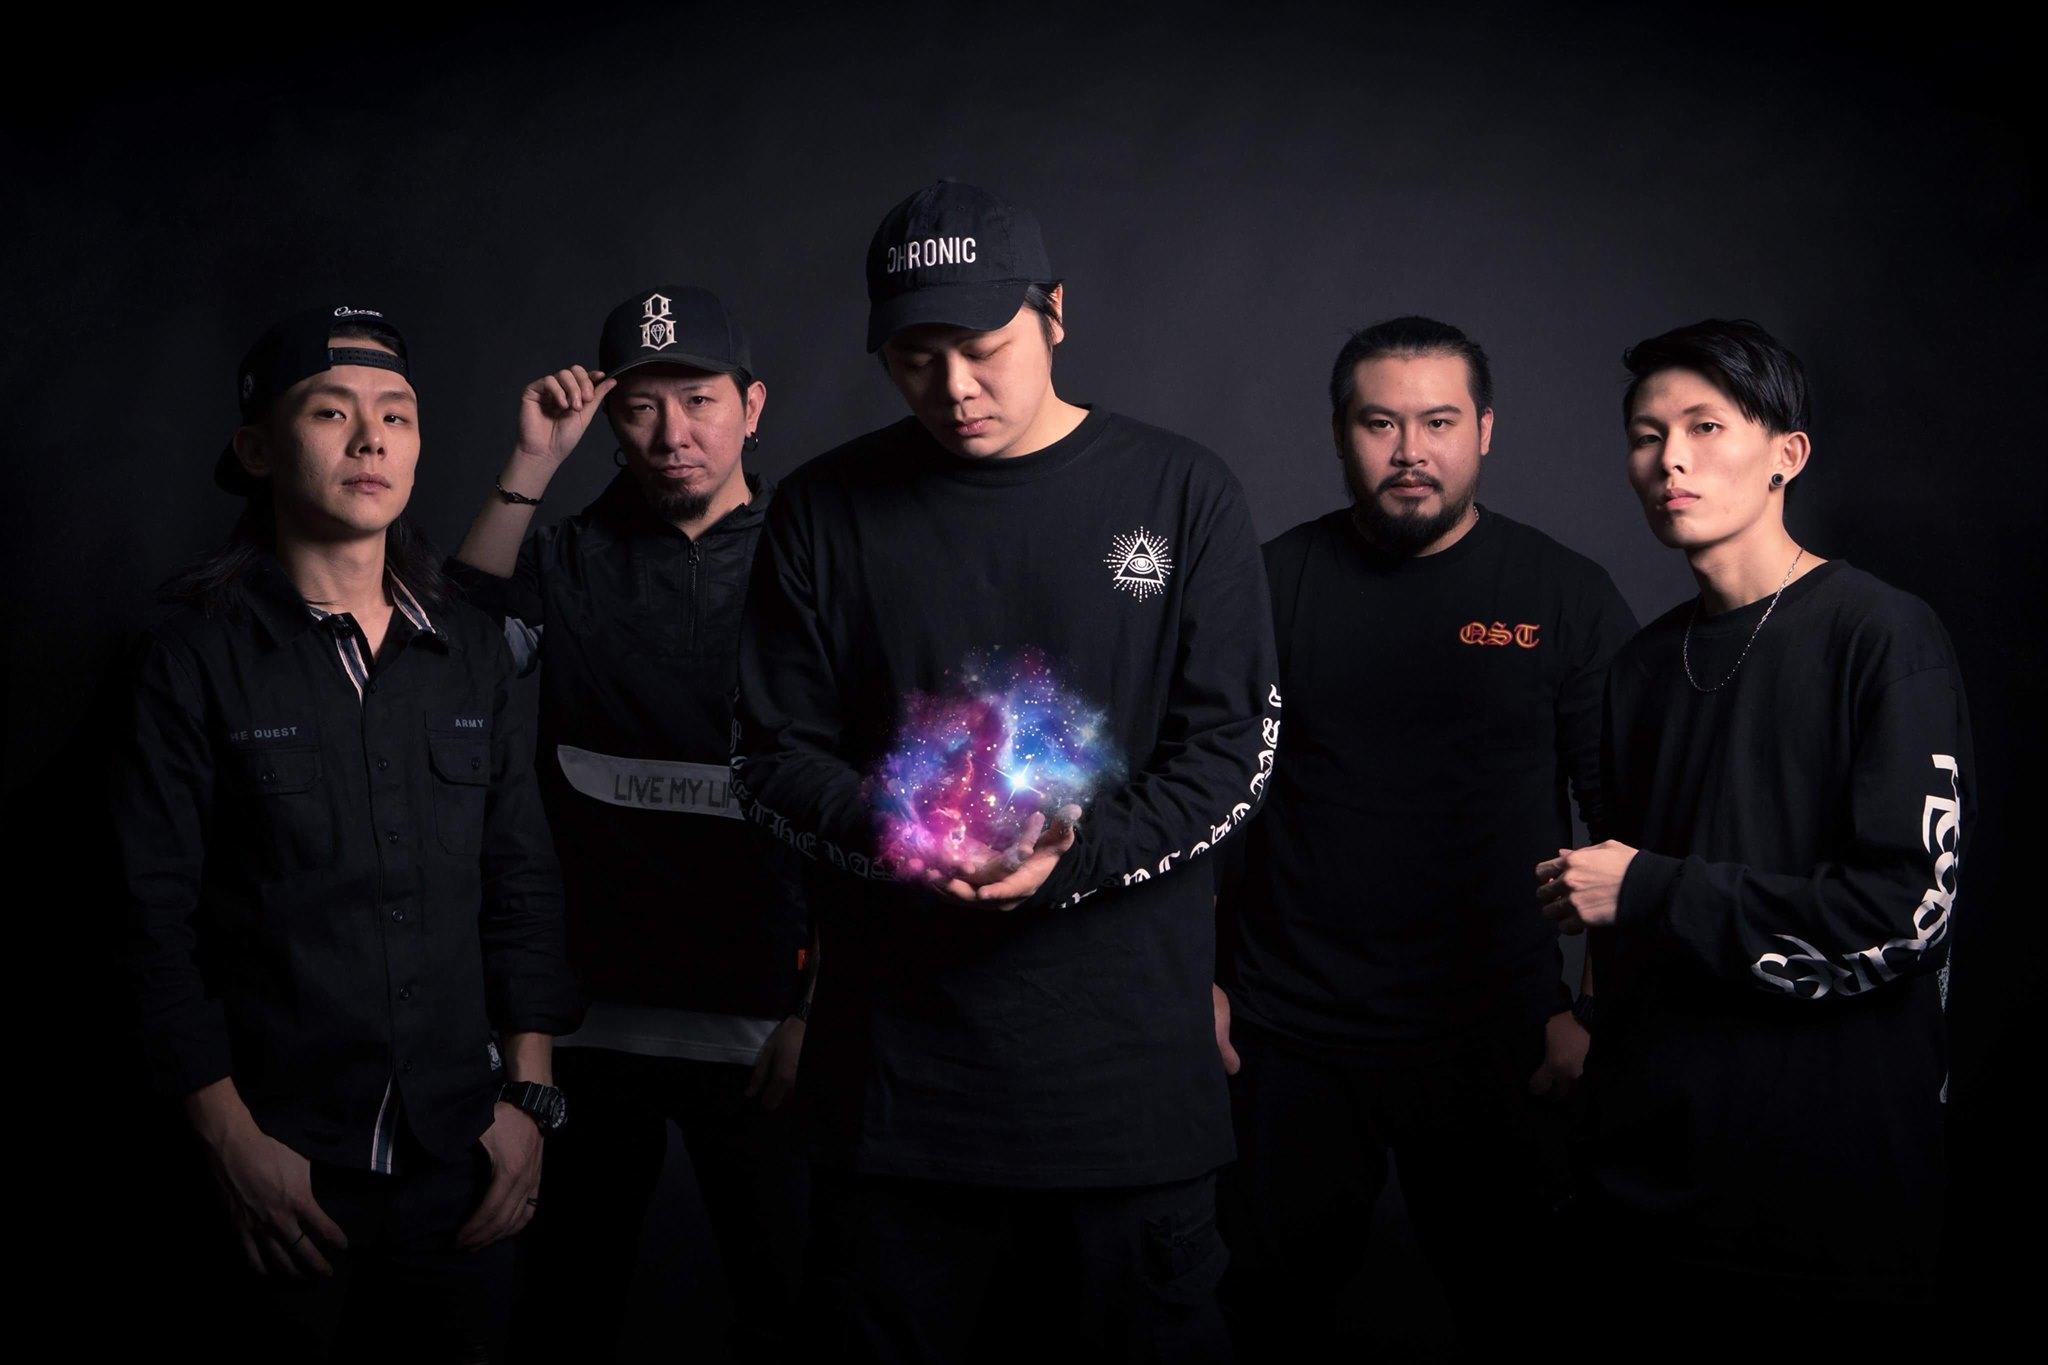 台灣金屬樂團 行星吞噬者 Galactus 新曲影音釋出 Flesh And Bones 血肉之軀